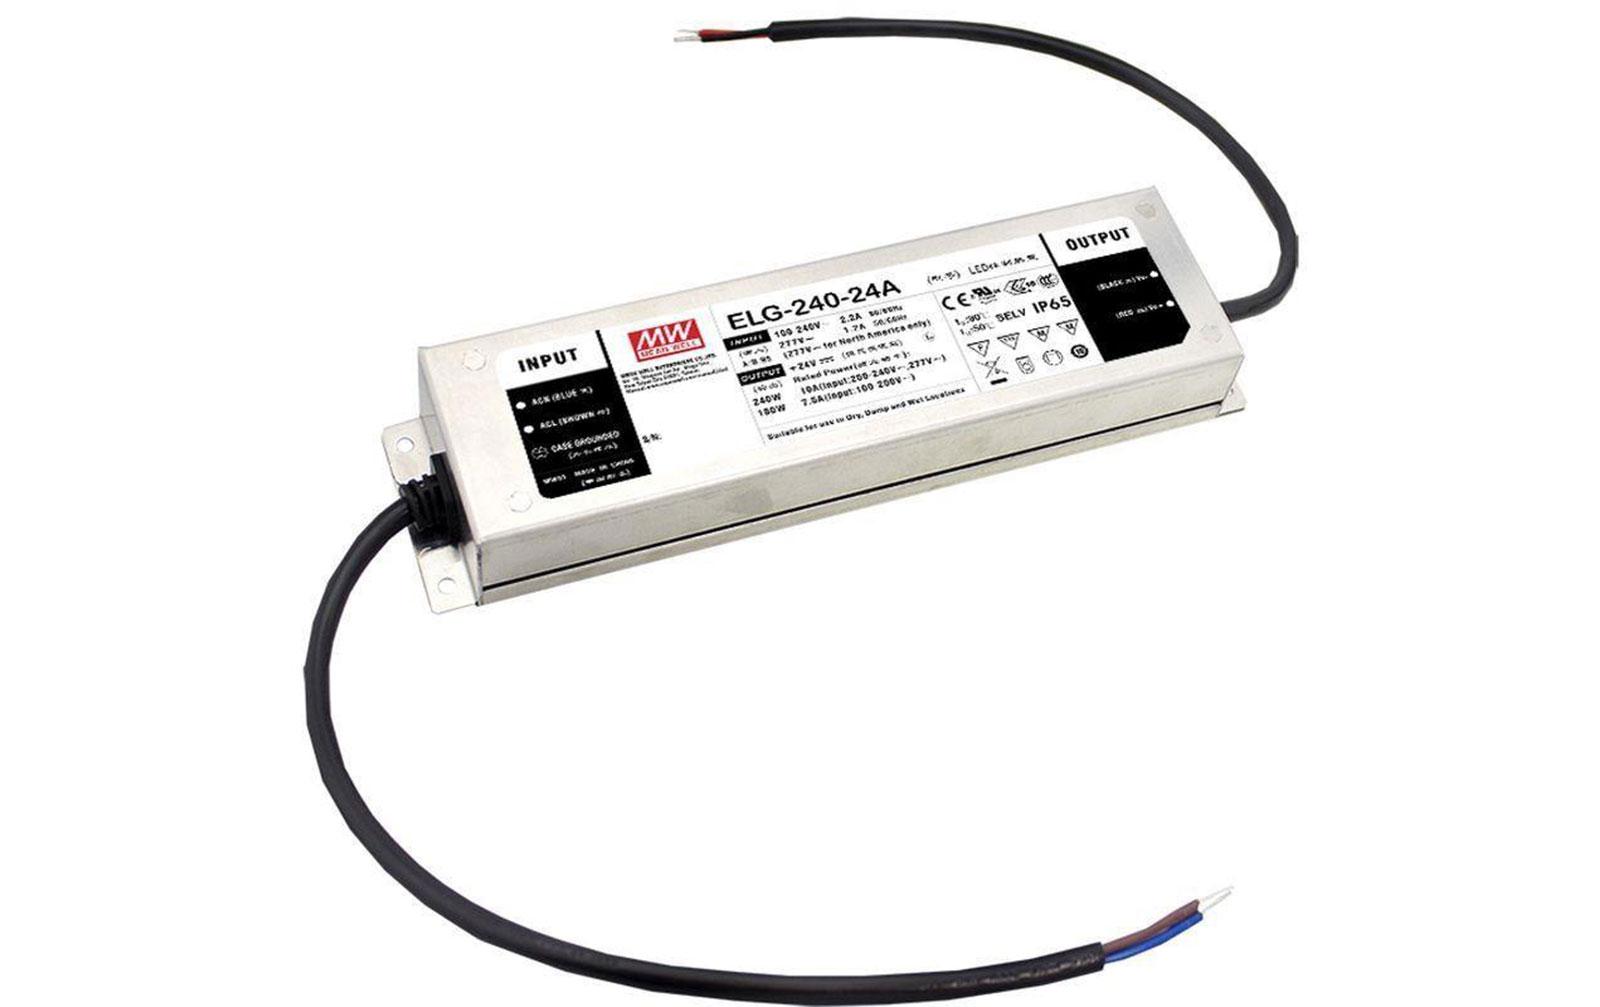 meanwell-elg-240-24a-240-watt-24v-ip65-schaltnetzteil